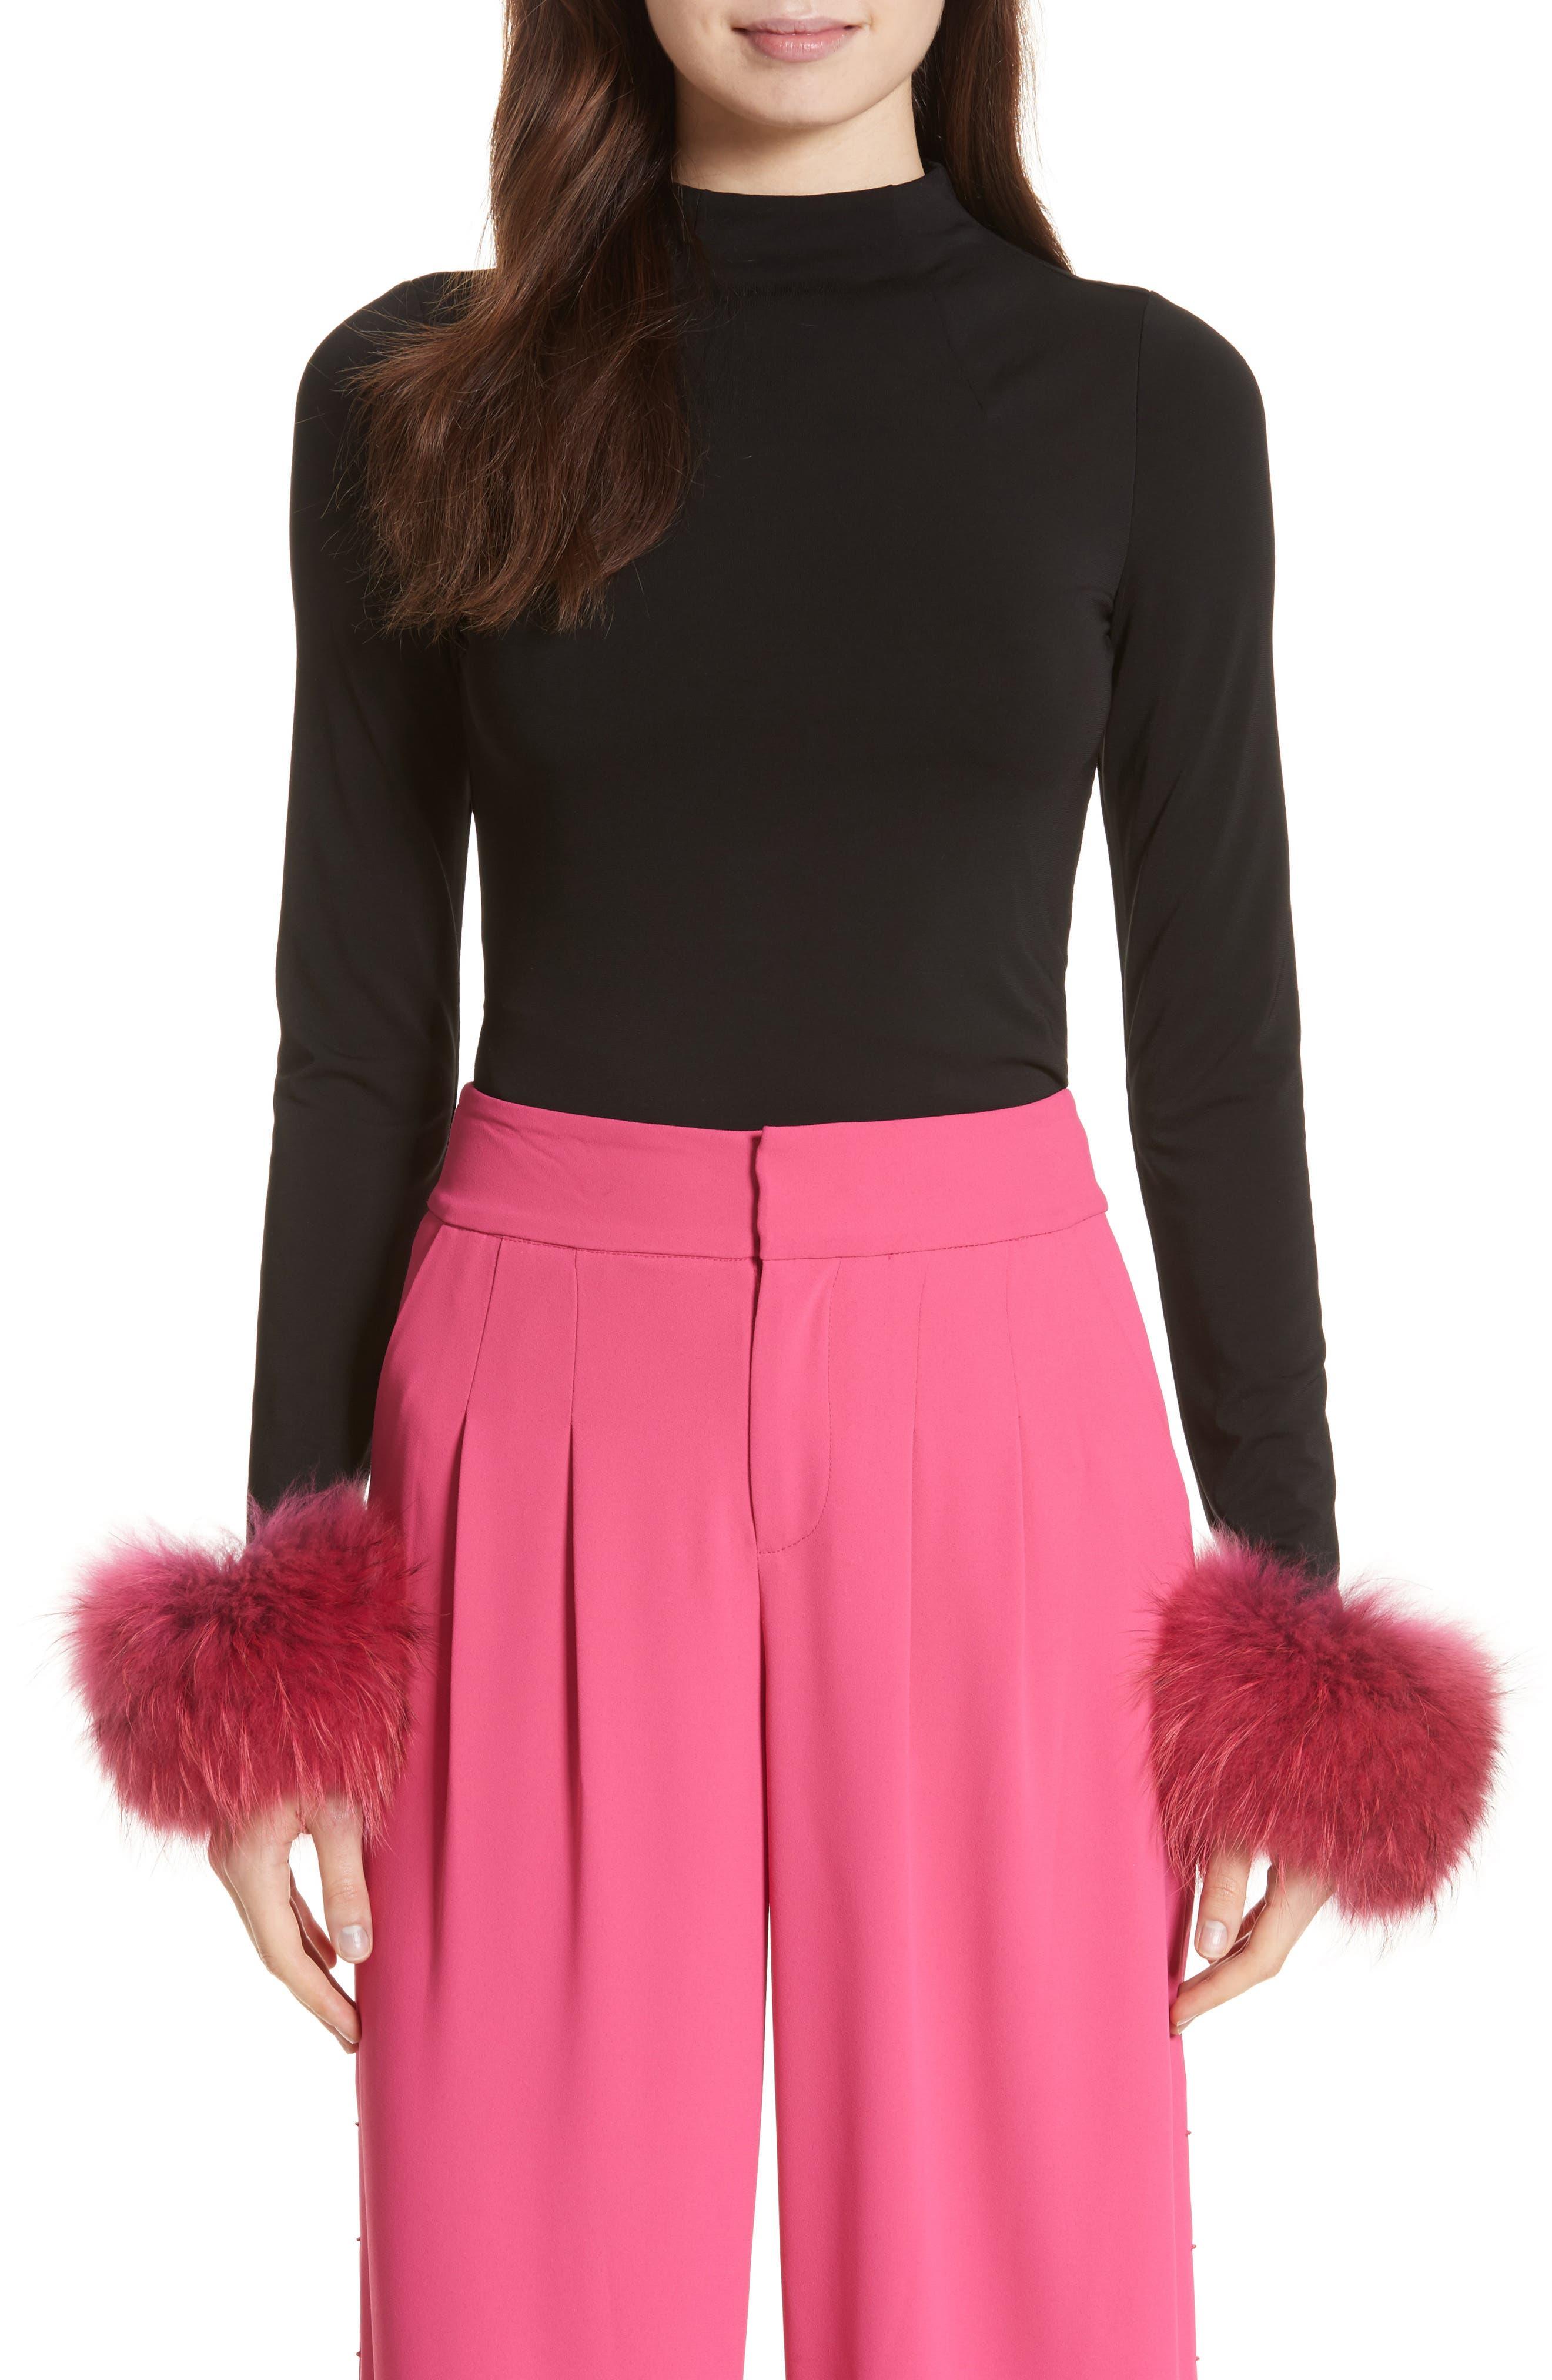 Haylen Genuine Fox Fur Cuff Top,                         Main,                         color, Black / Wine